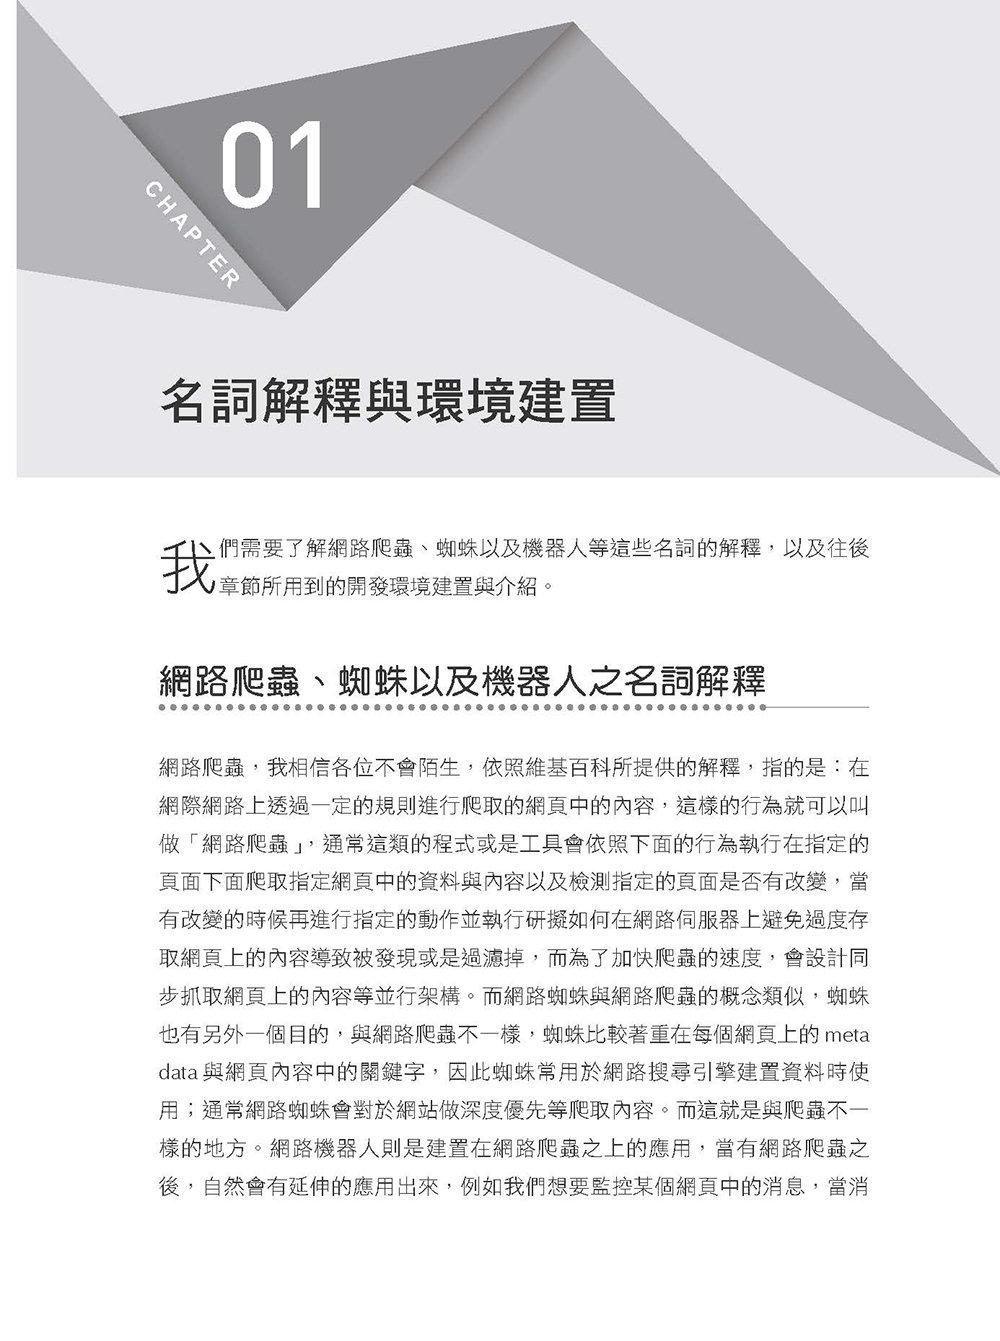 PHP 網路爬蟲開發:入門到進階的爬蟲技術指南(iT邦幫忙鐵人賽系列書)-preview-3